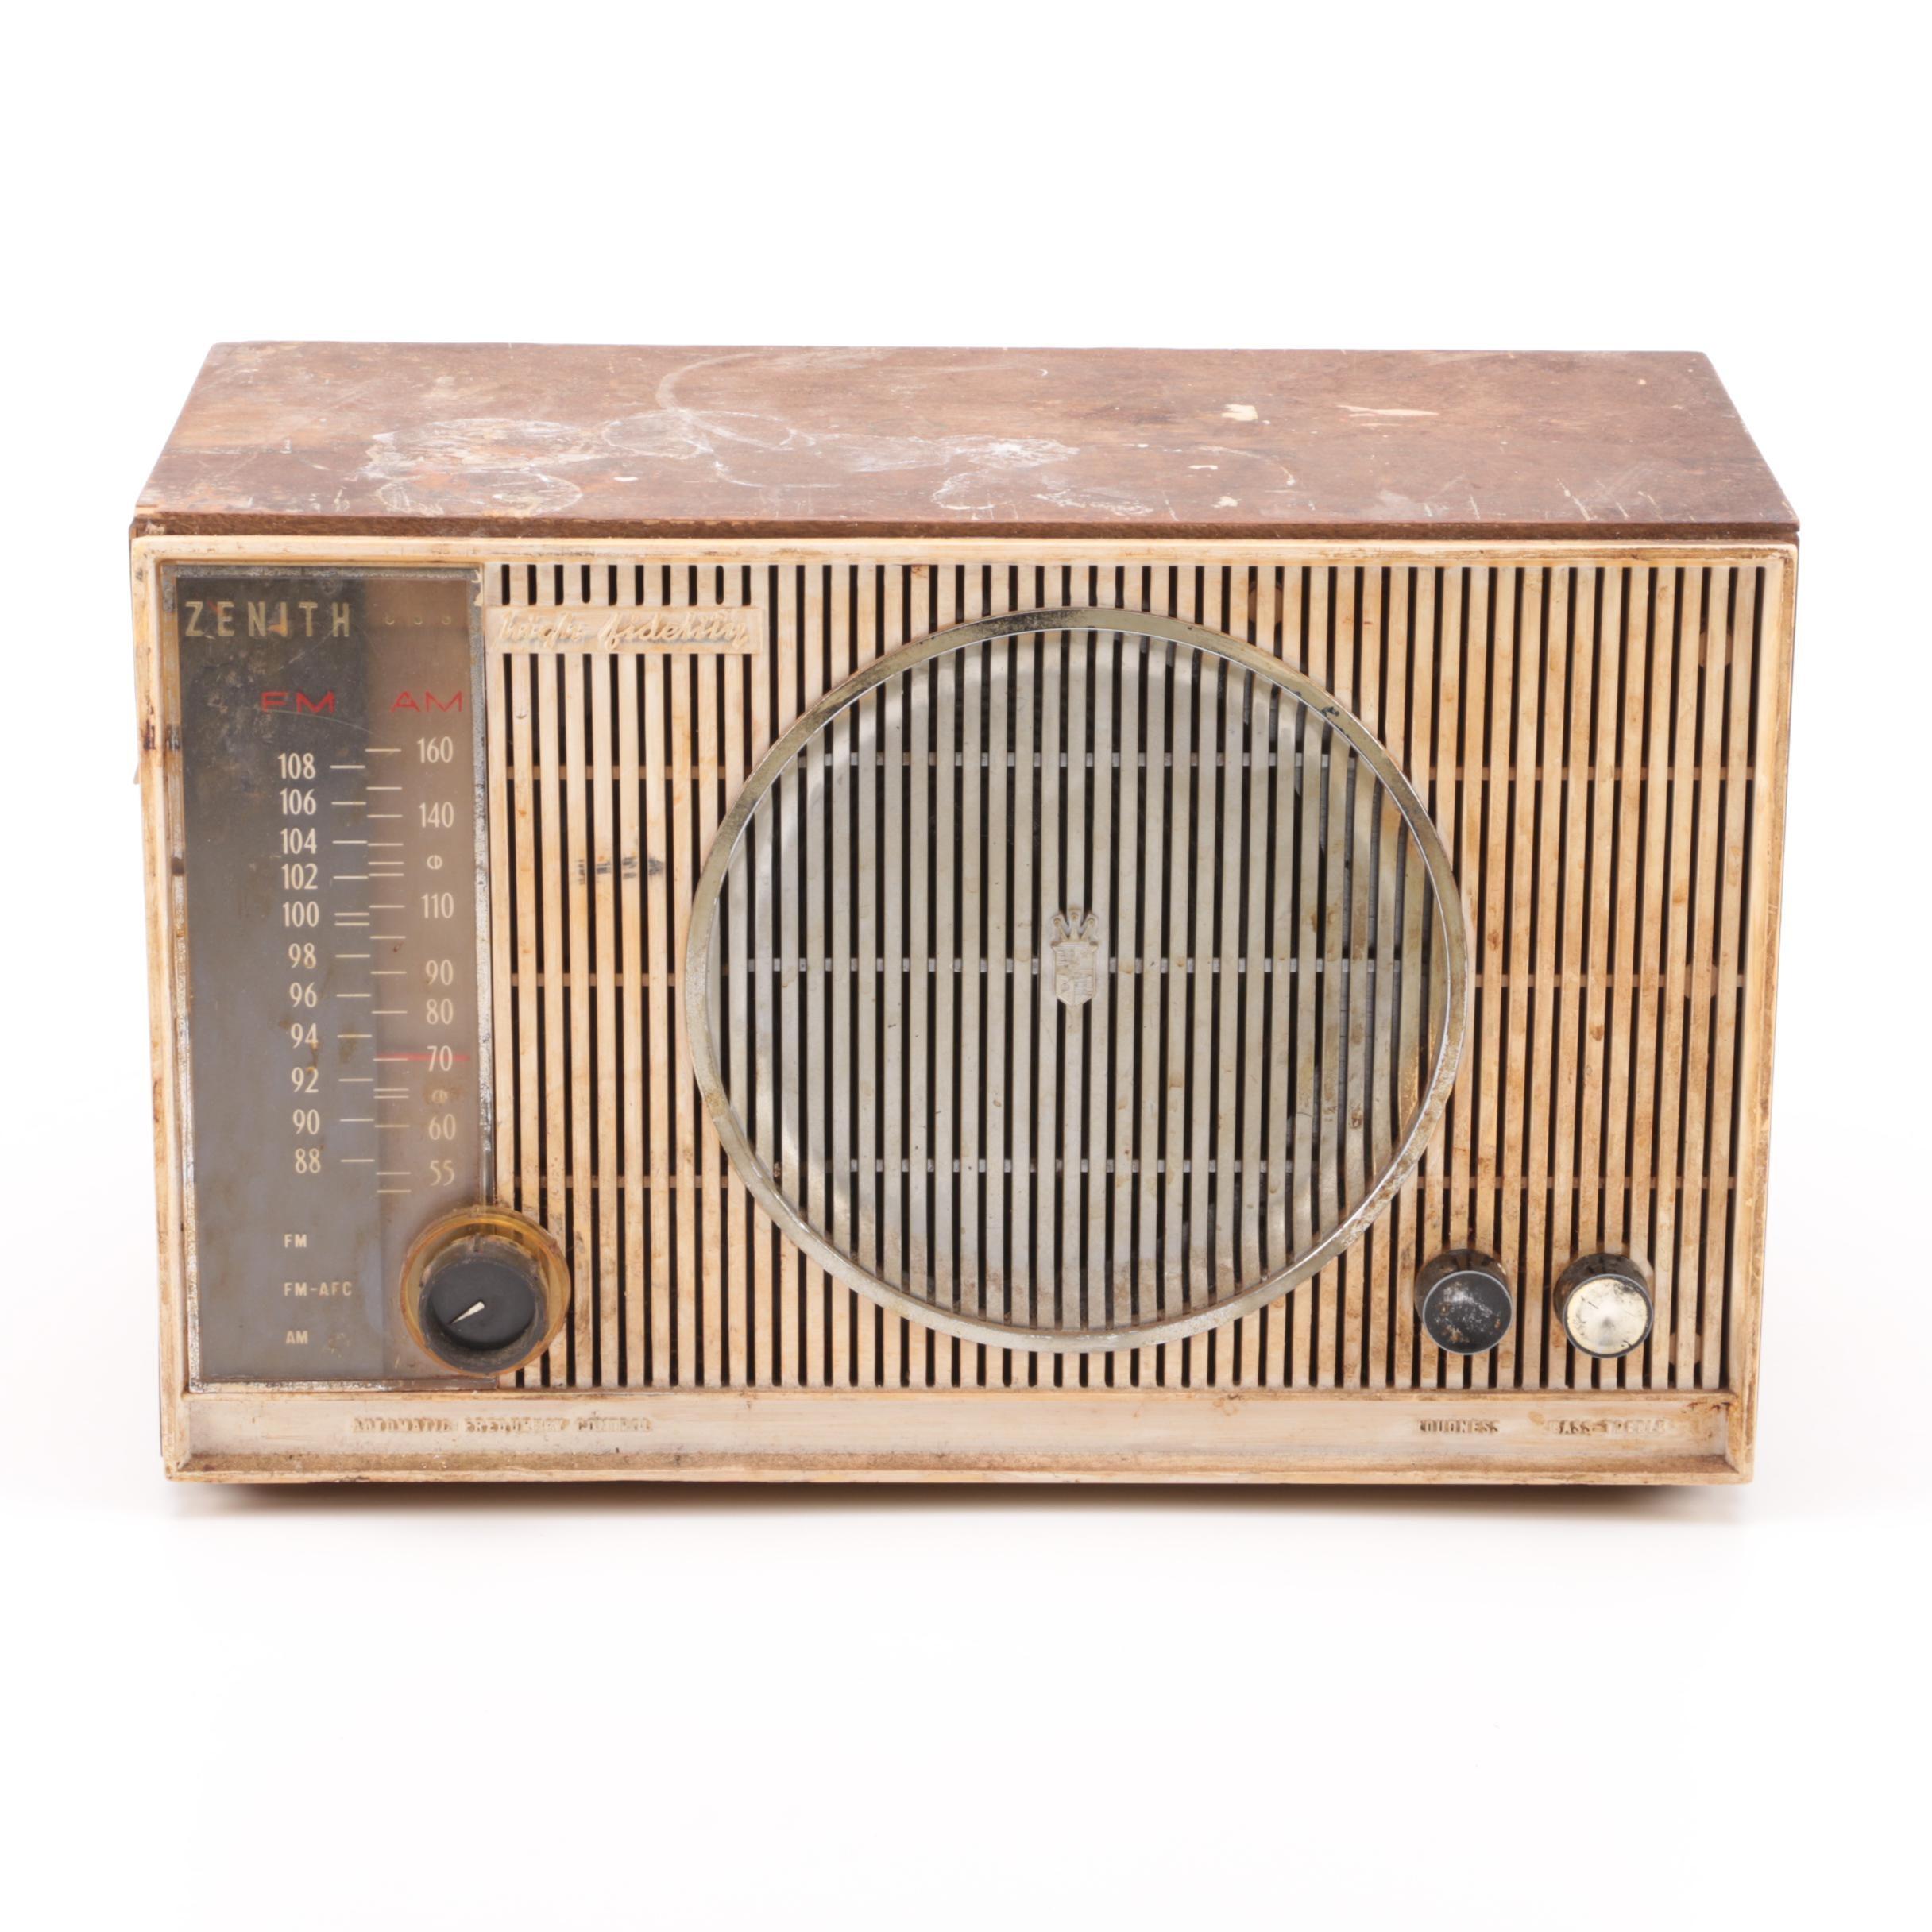 Vintage Zenith AM/FM Radio